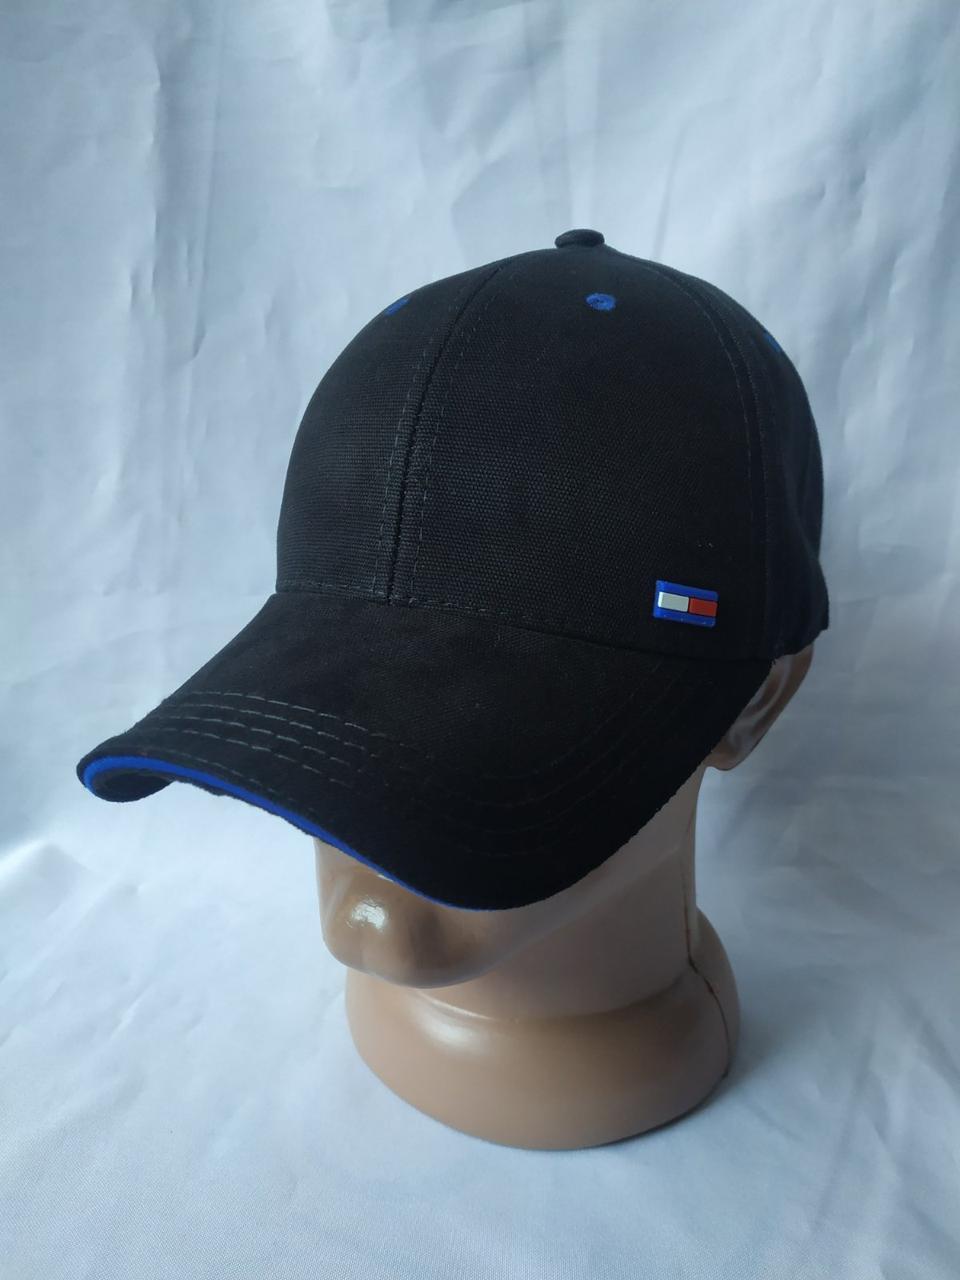 Весенне-летняя мужская кепка-бейсболка с логотипом Томми Хилфигер черный/синий